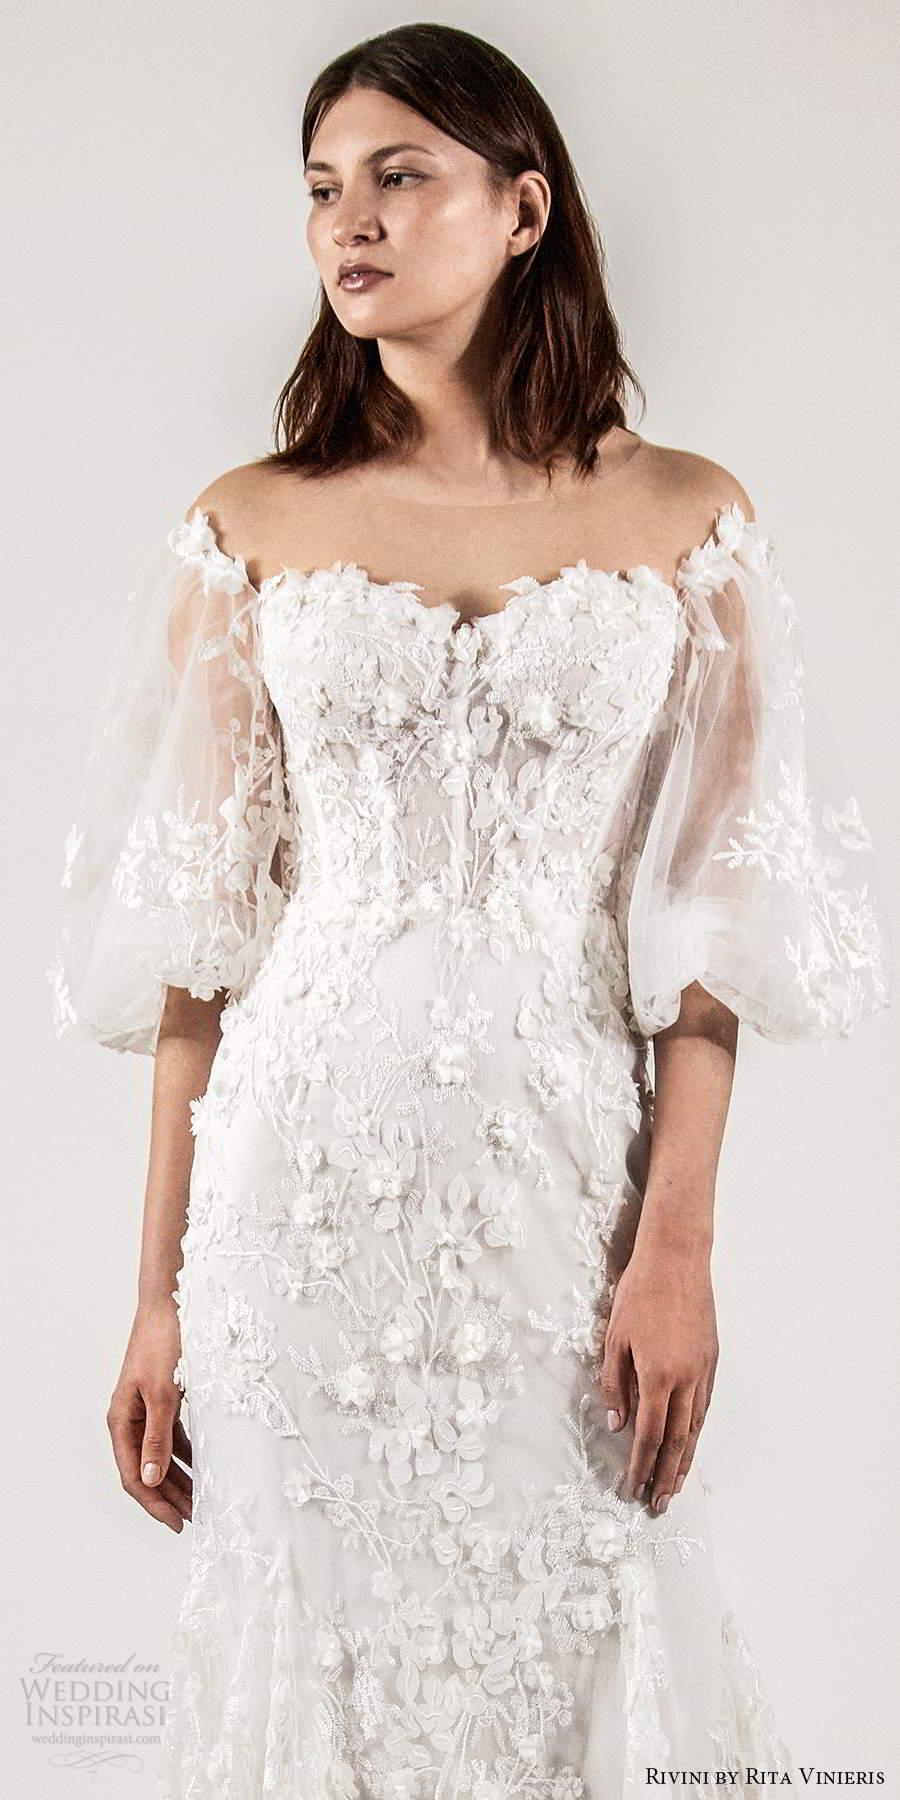 rivini rita vinieris spring 2021 bridal elbow length bishop sleeves sheer off shoulder sweetheart neckline fully embellished fit flare a line wedding dress (2) lv